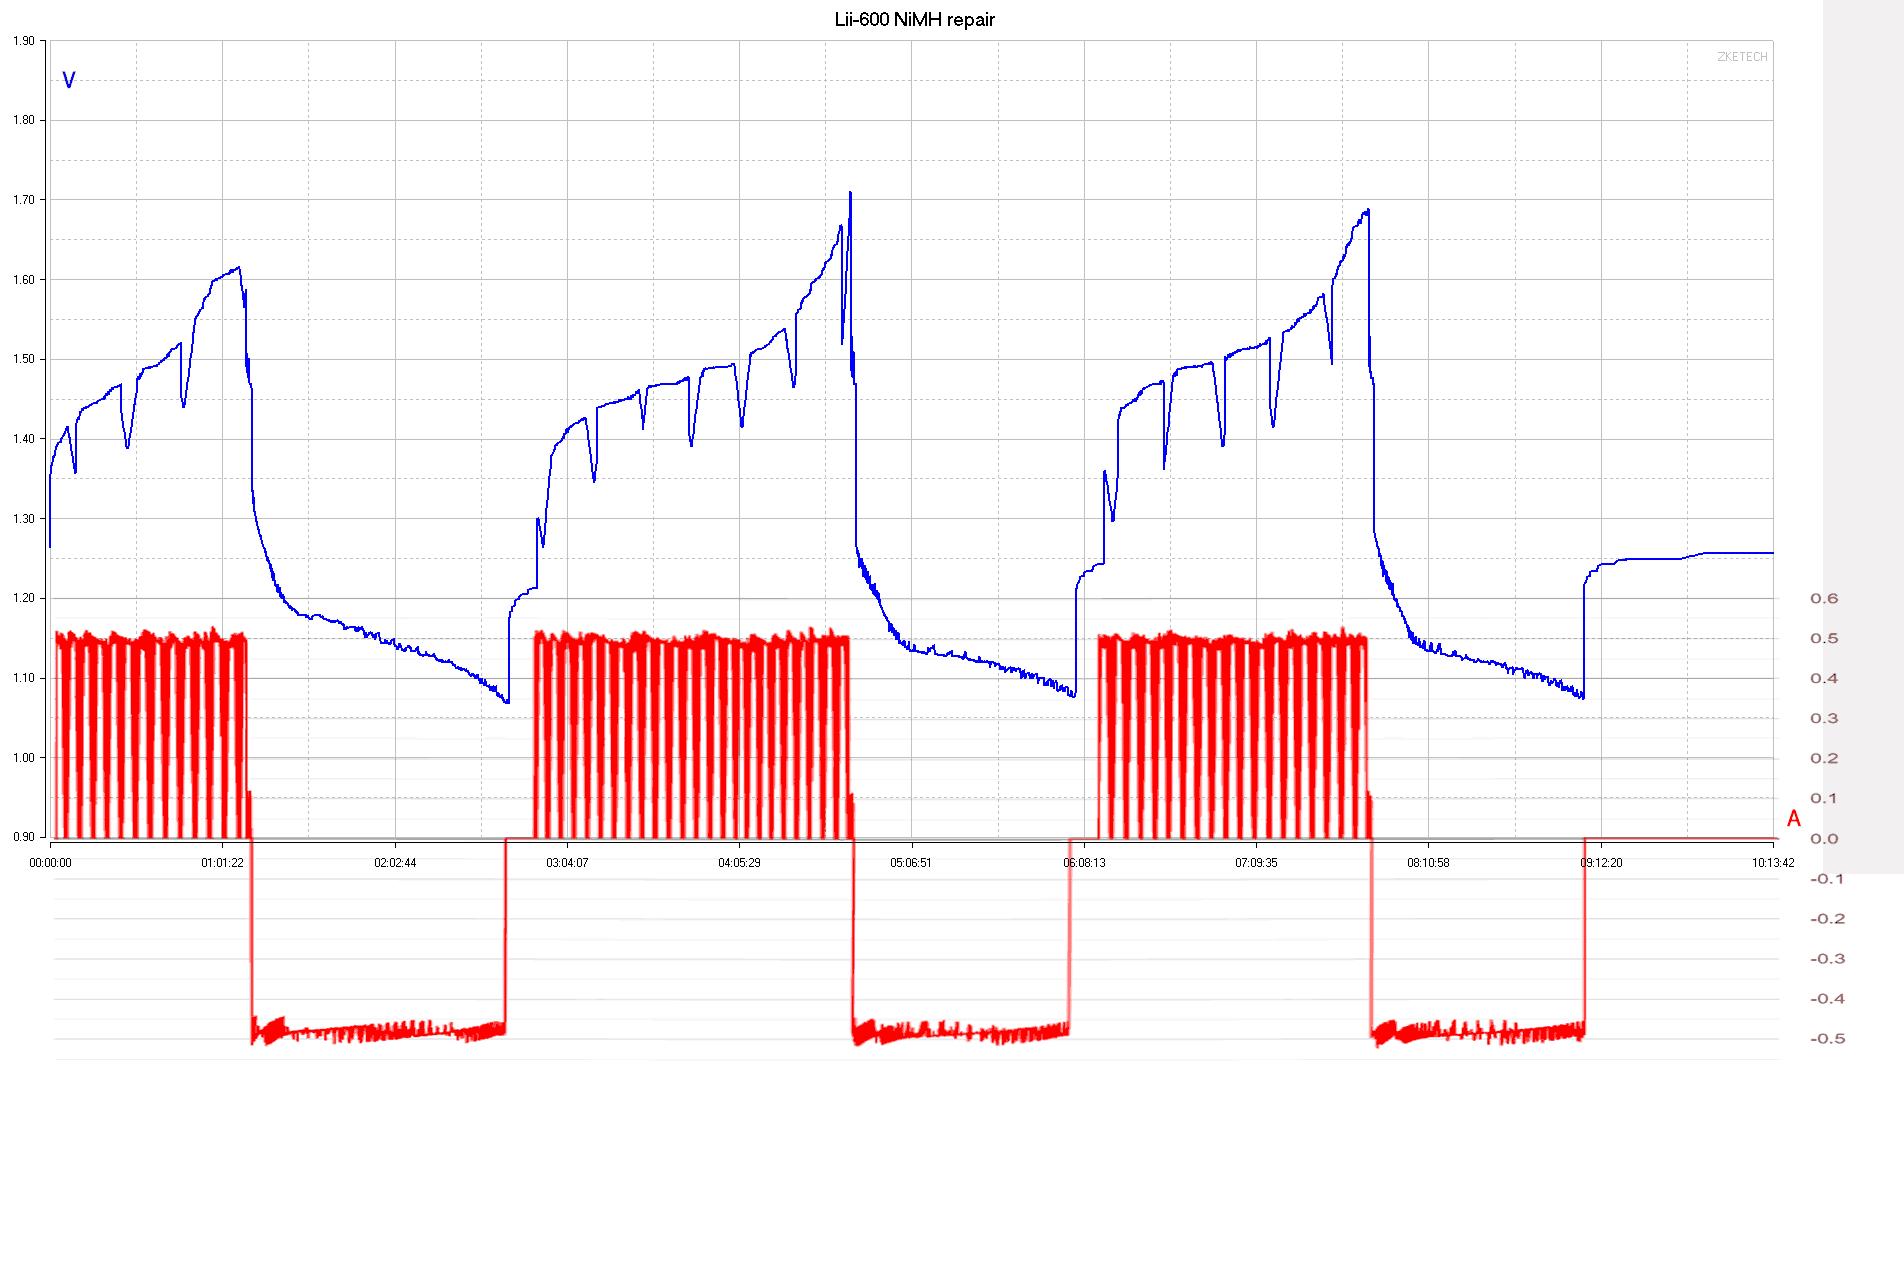 liitokala lii-600 AAA repair